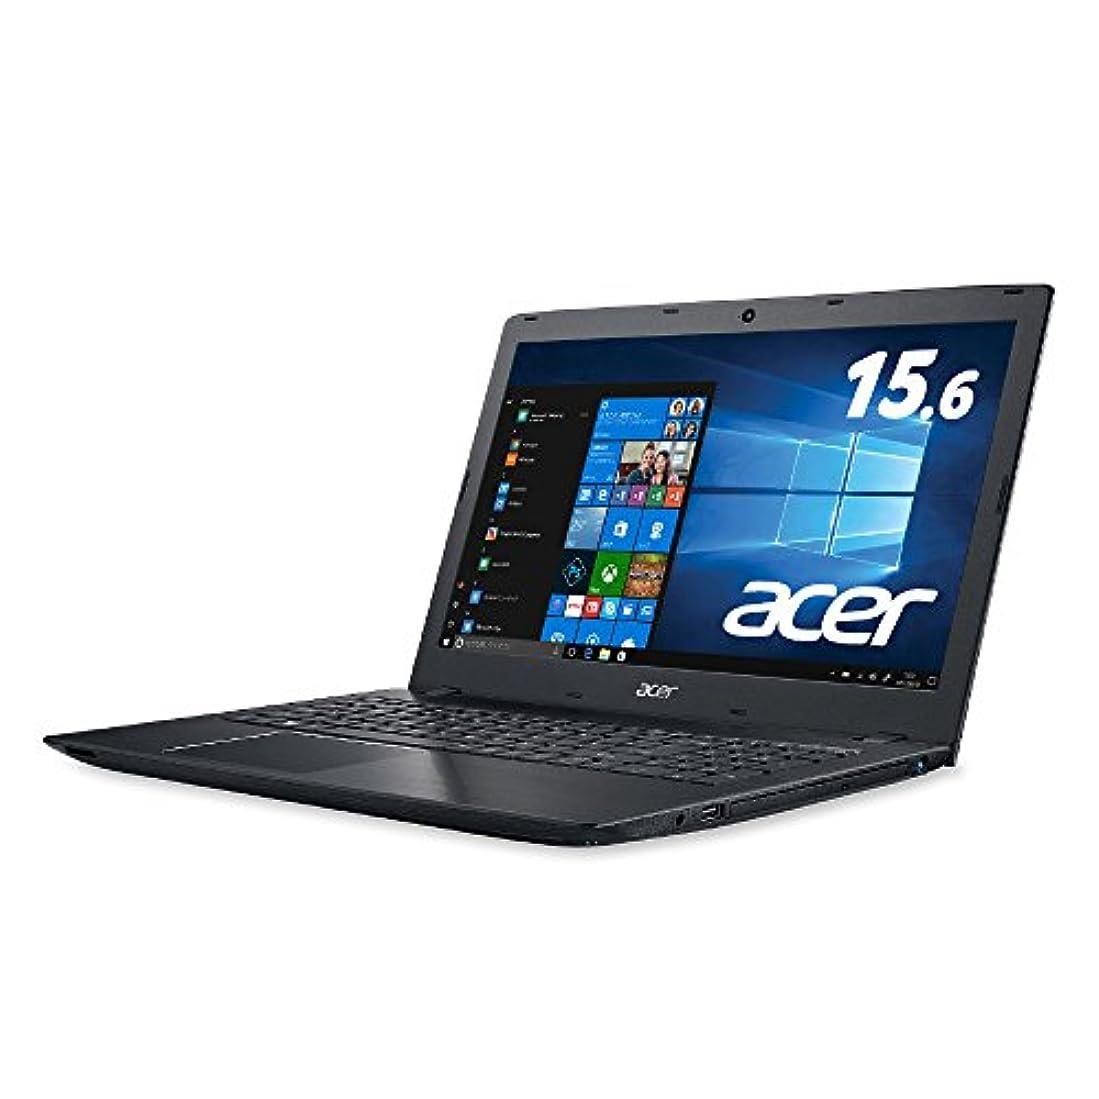 免疫するインク練習Acer ノートパソコンAspire Core i5-7200U/15.6インチ/8GB/256G SSD/DVD±R/RW ドライブ/Windows 10/ブラック E5-576-F58U/K